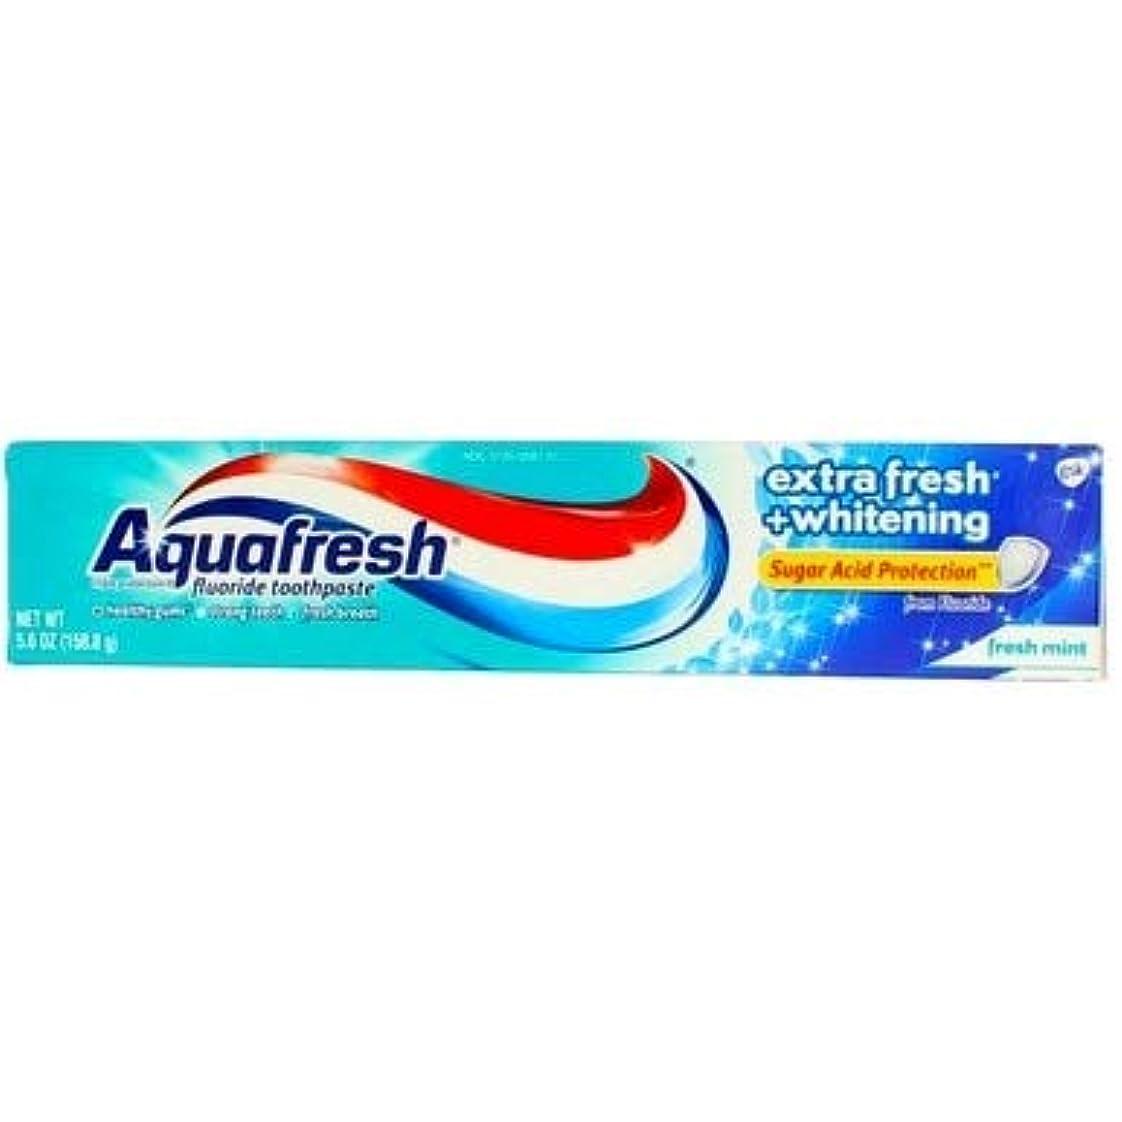 限りなく糞ピジンAqua Fresh アクアフレッシュフッ化物歯磨き粉のエクストラフレッシュホワイトニング - 5.6オンス、2のパック